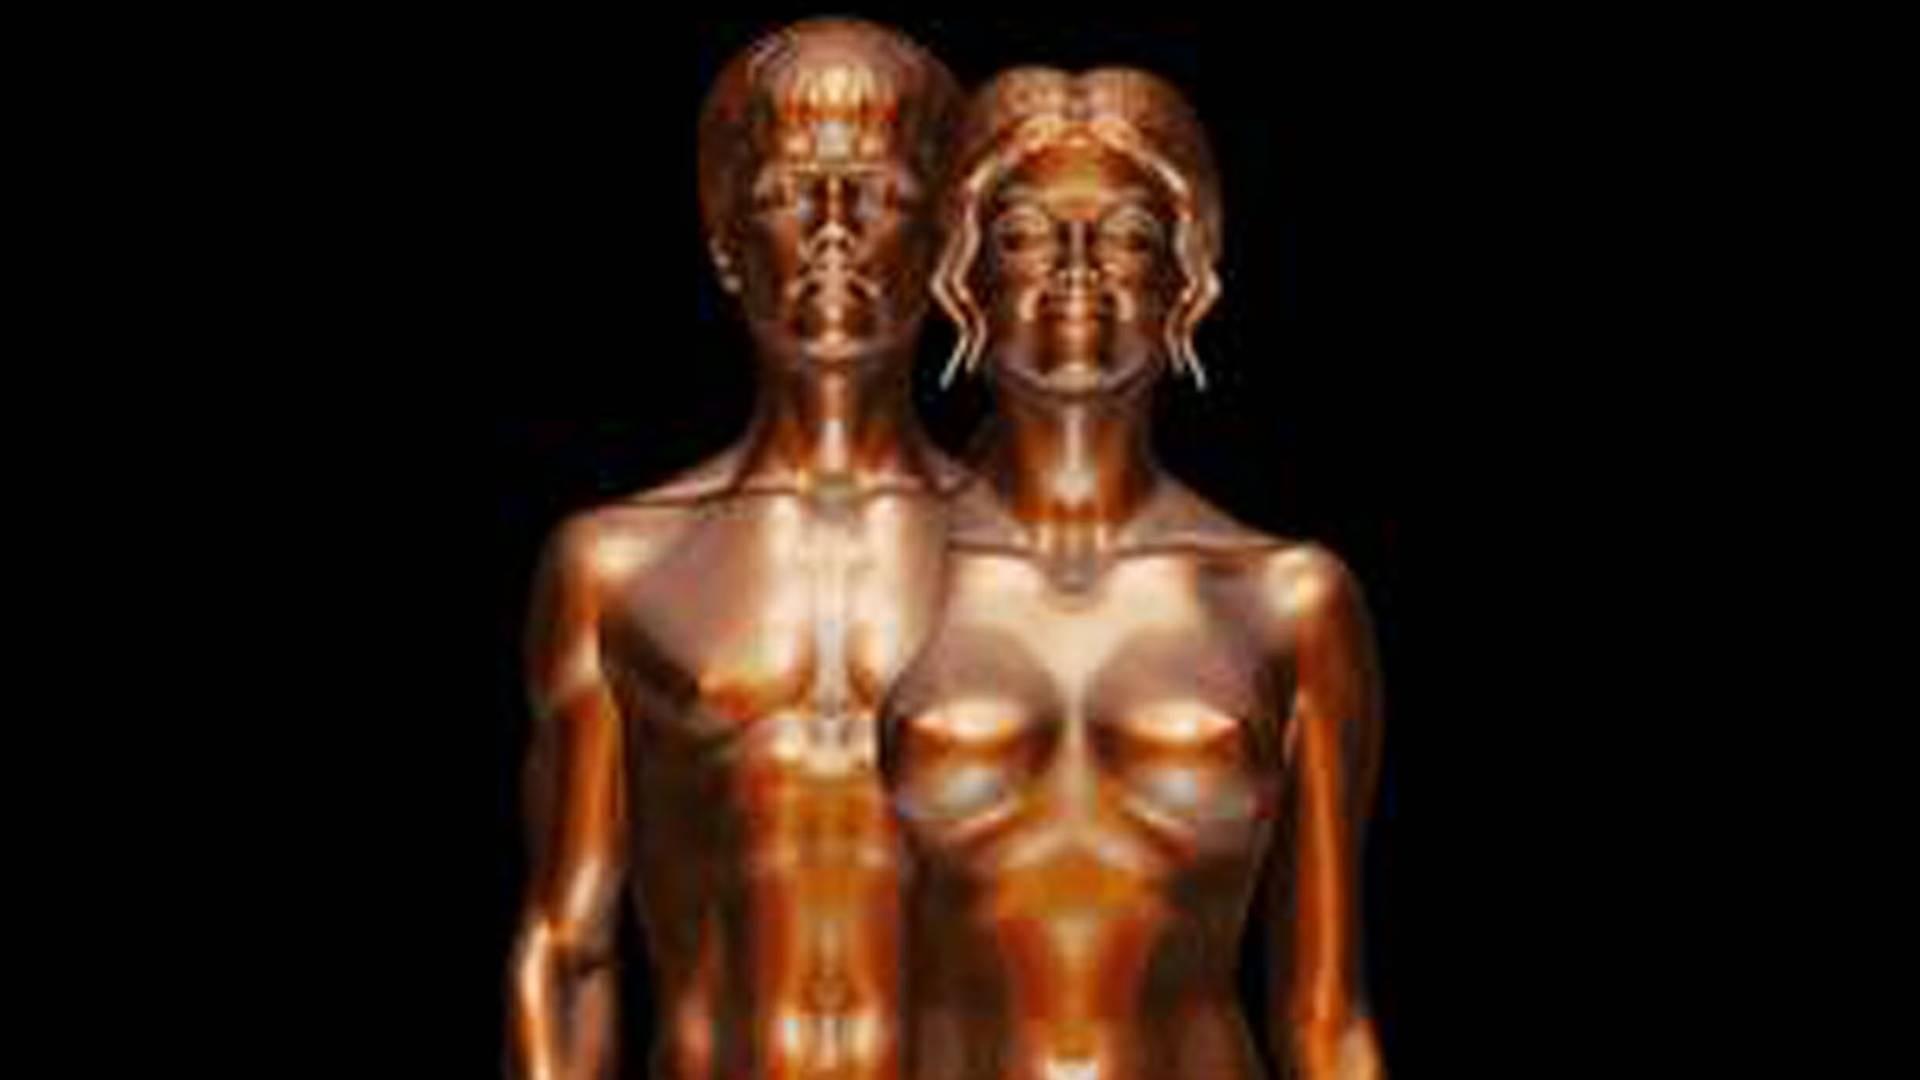 Nus, Justin Bieber e Selena Gomez viram estátuas de bronze (10/8/11)